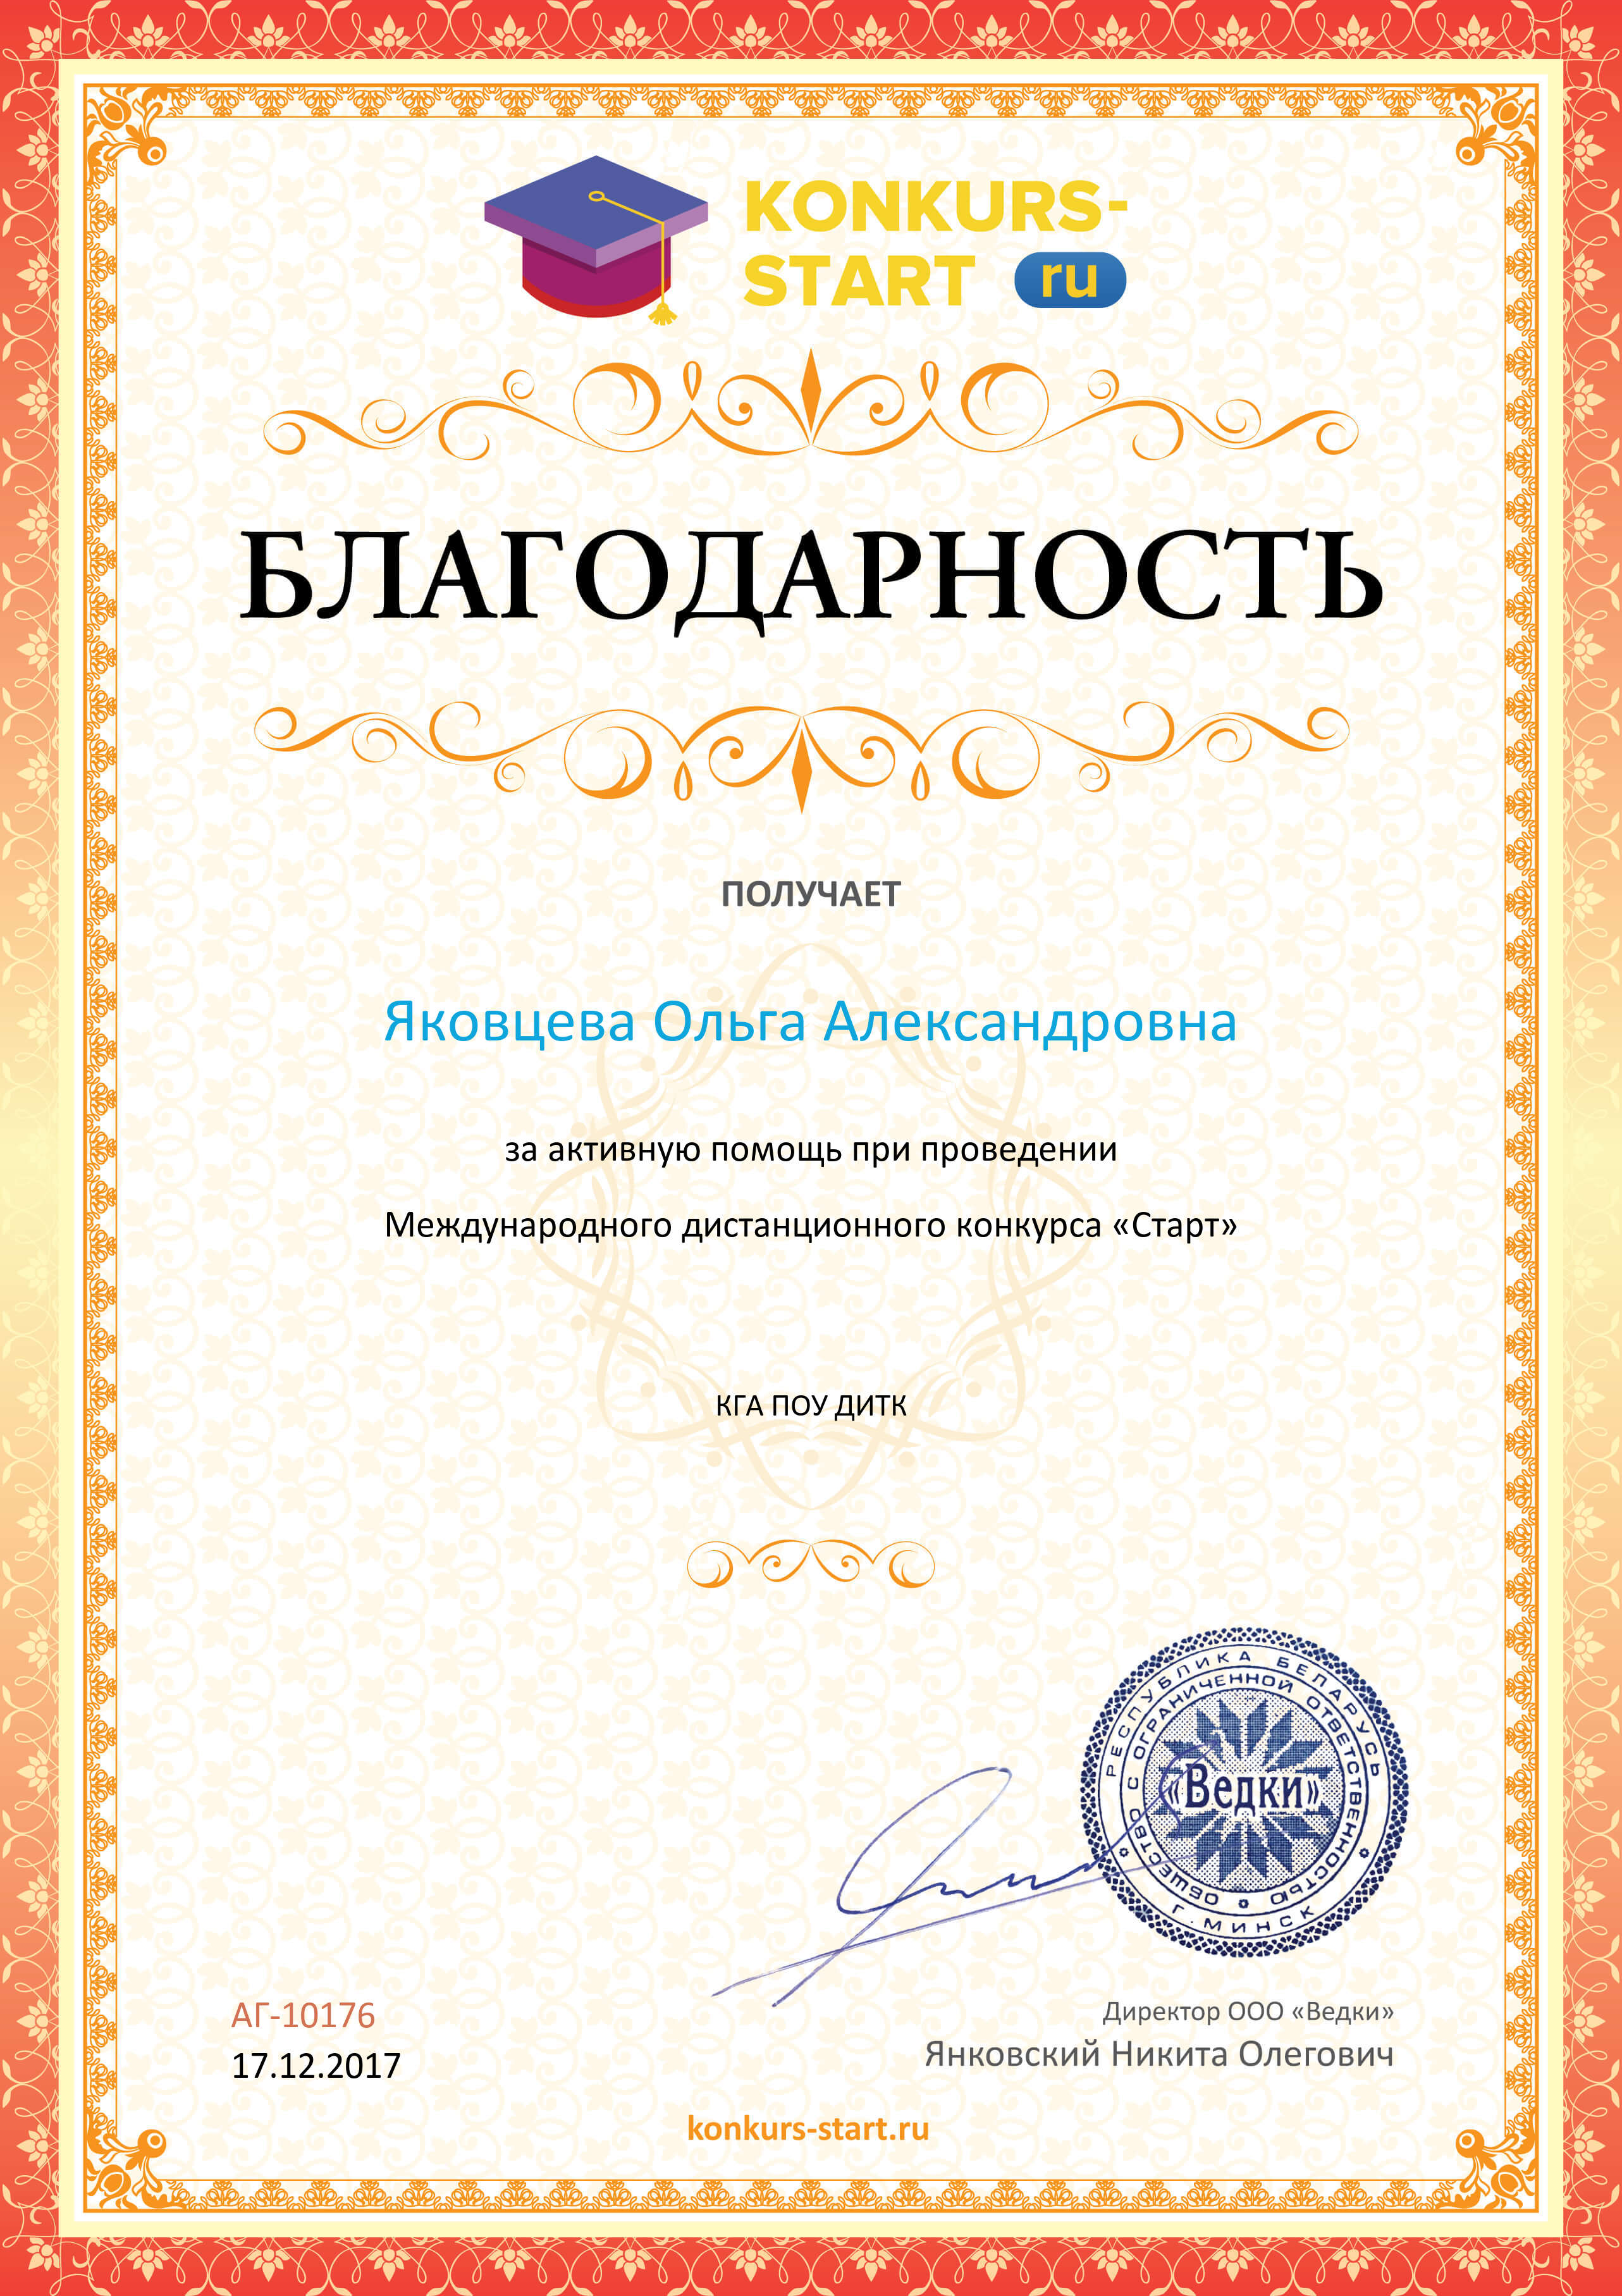 Благодарность координатору за активную помощь konkurs-start.ru №10176